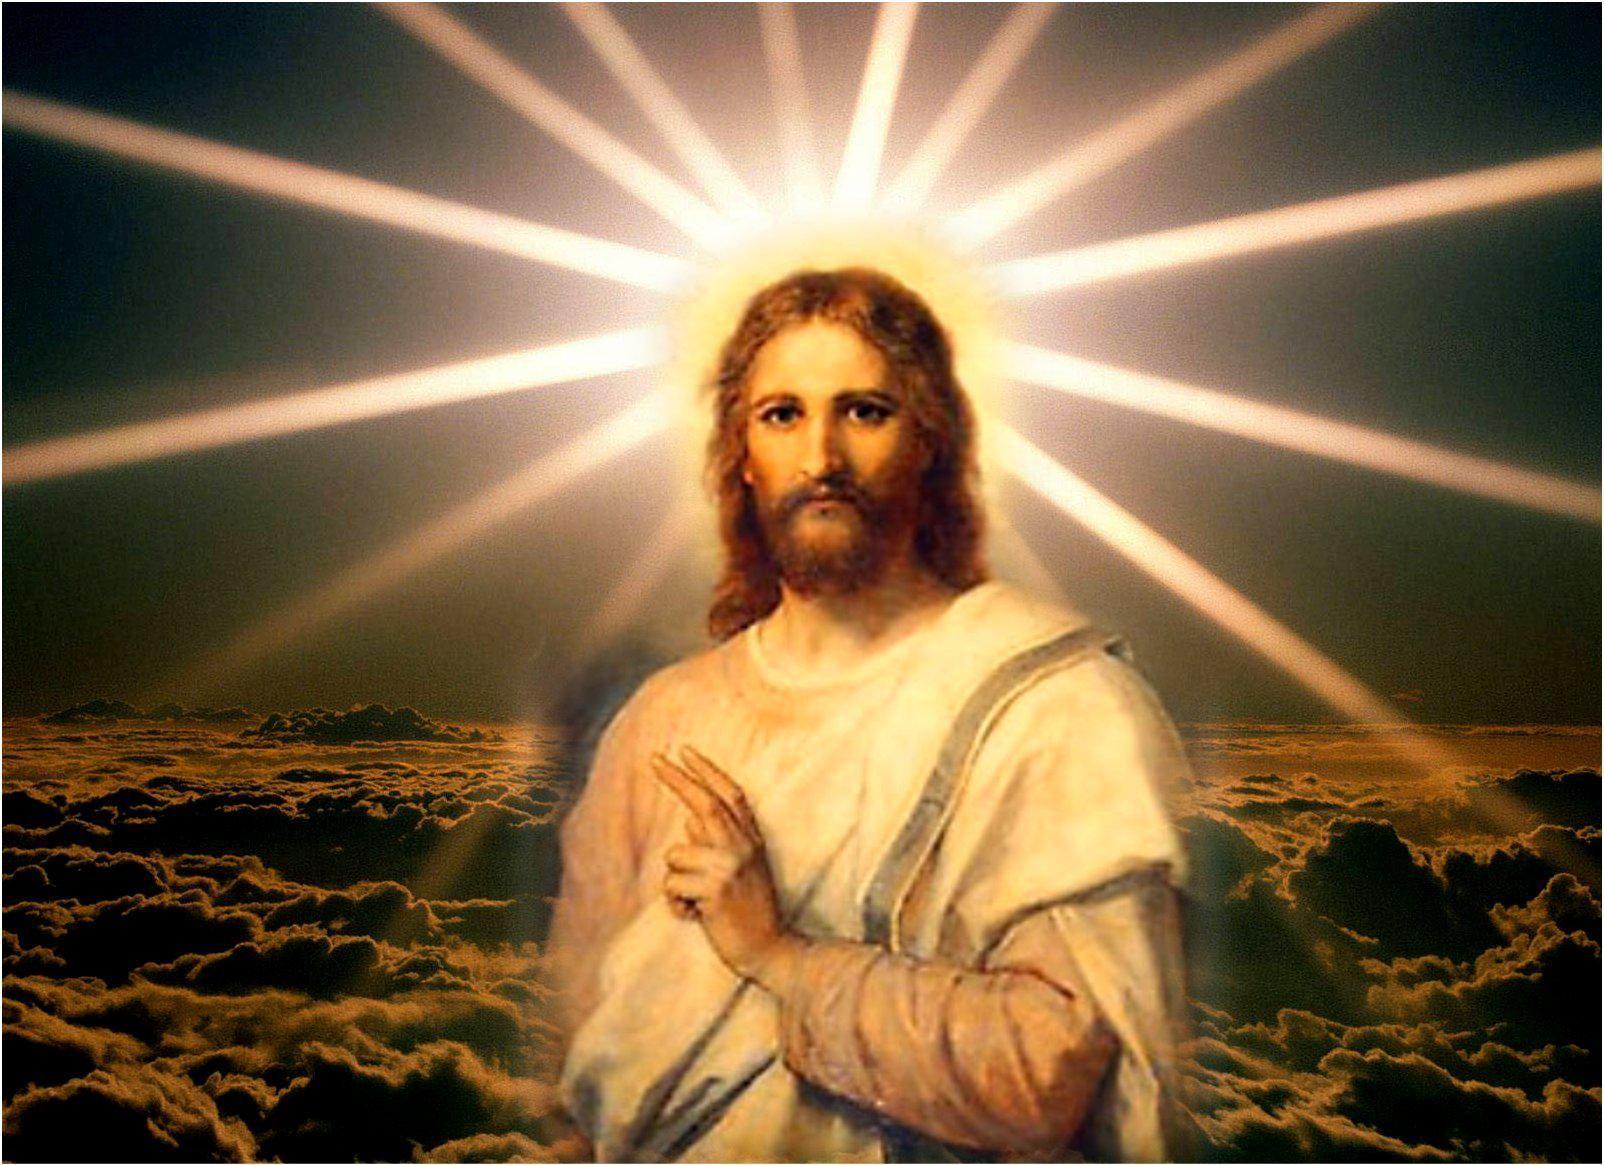 Jesus 64k Ultra Hd Wallpapers Top Free Jesus 64k Ultra Hd